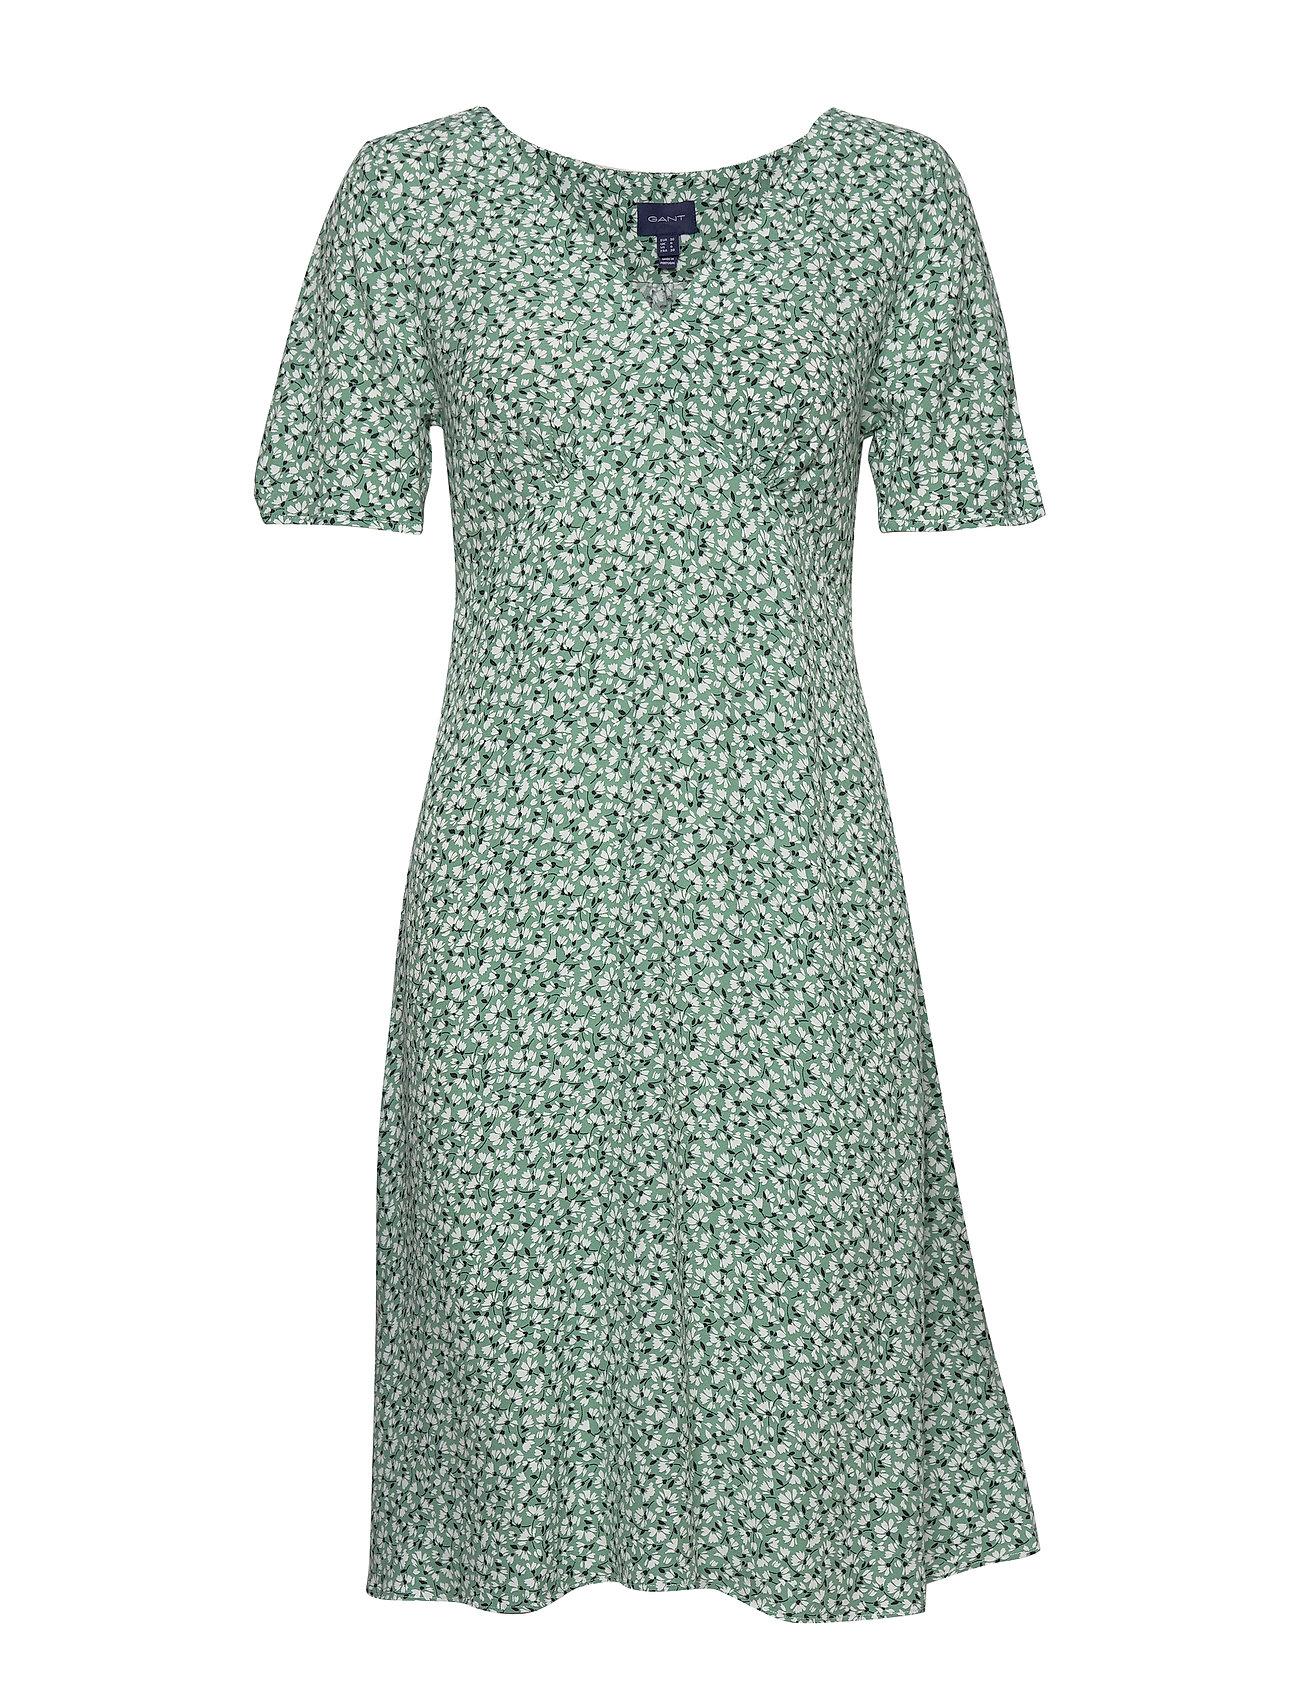 Gant D2. SUMMER FLORAL DRESS - PEPPERMINT